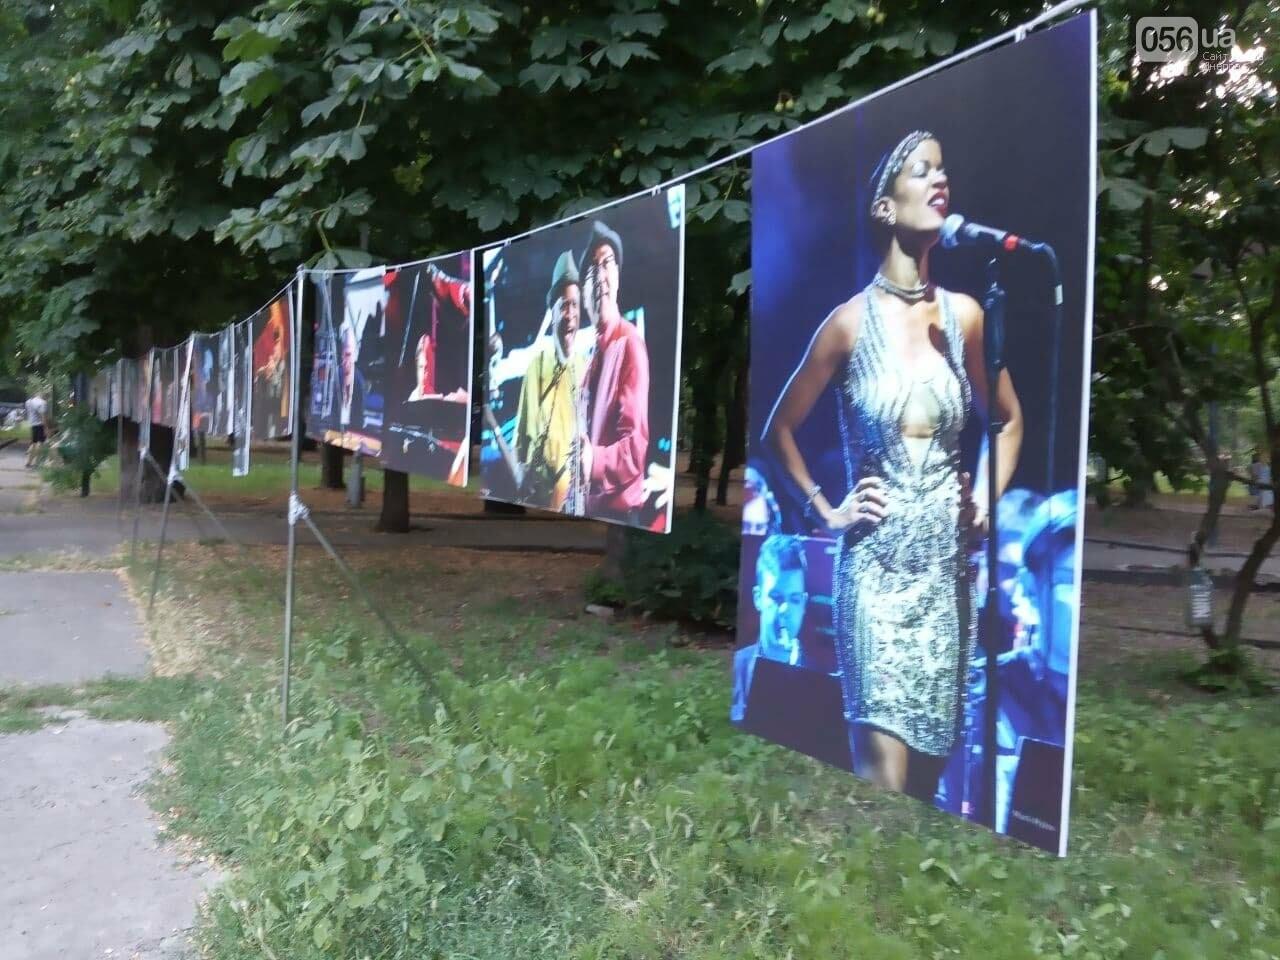 В Днепре по всей территории парка Шевченко звучит музыка нон-стоп, - ФОТО, ВИДЕО, фото-37